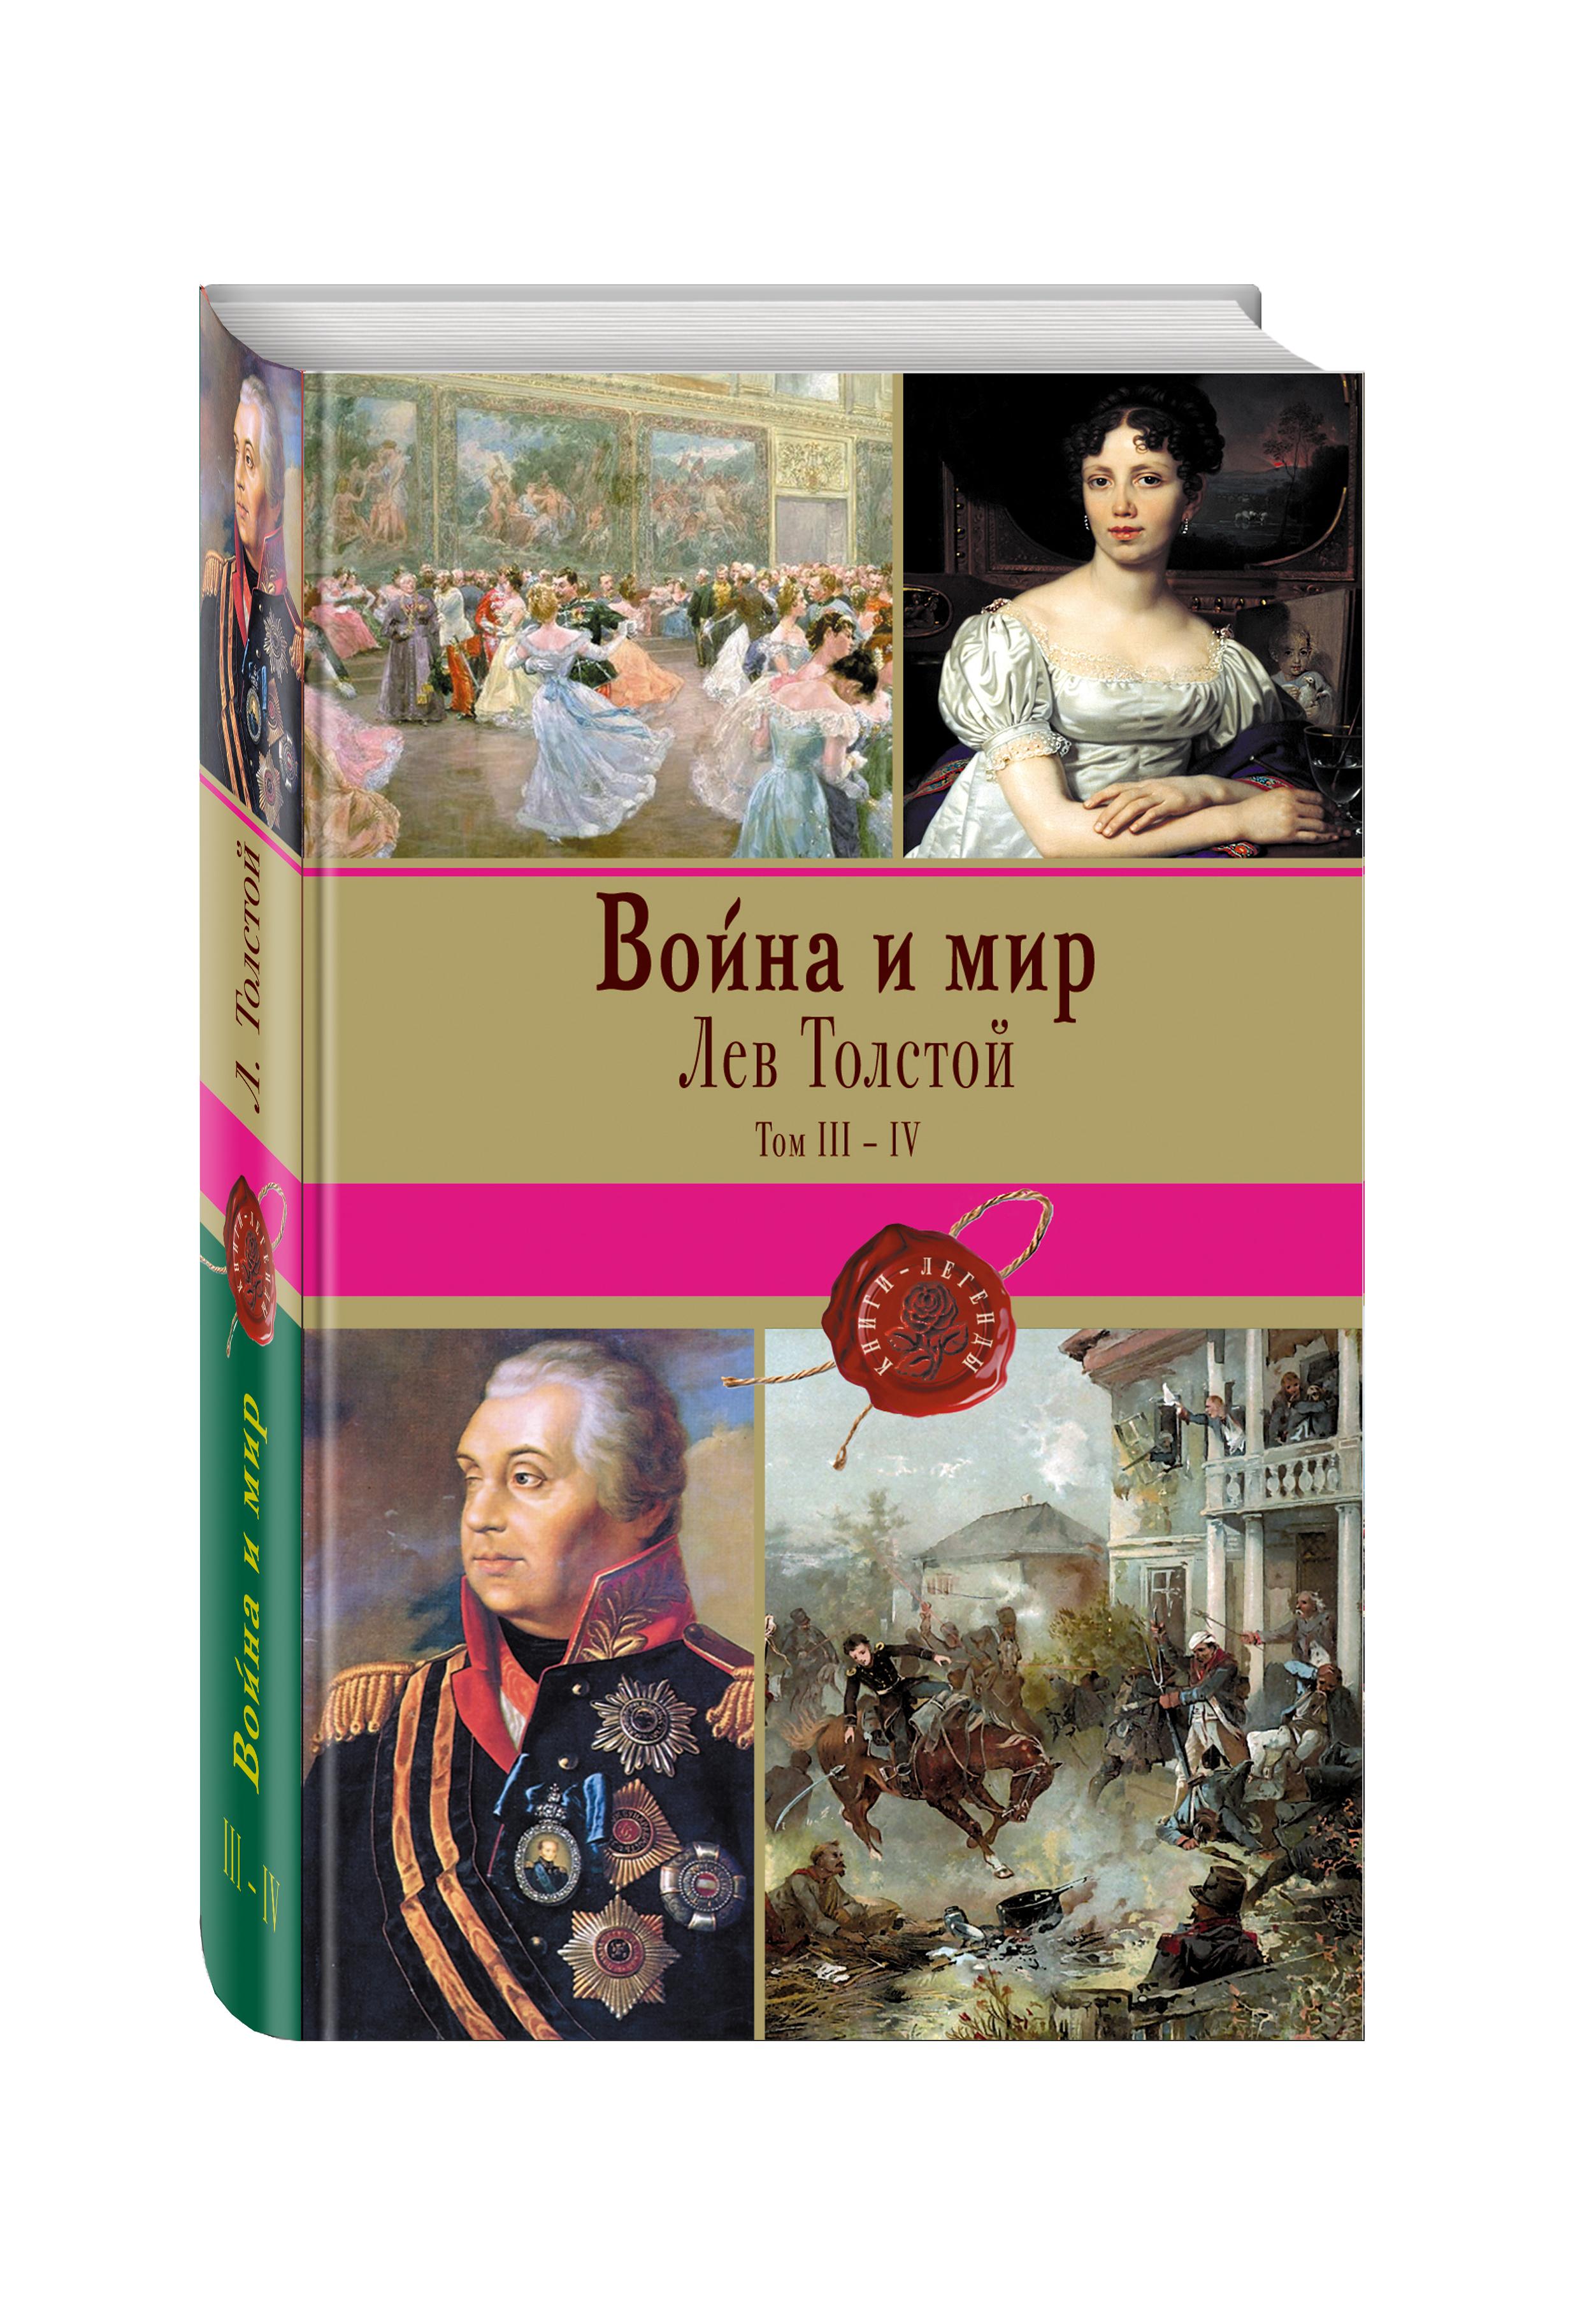 Толстой Л.Н. Война и мир. Том III-IV книги эксмо война и мир том iii iv